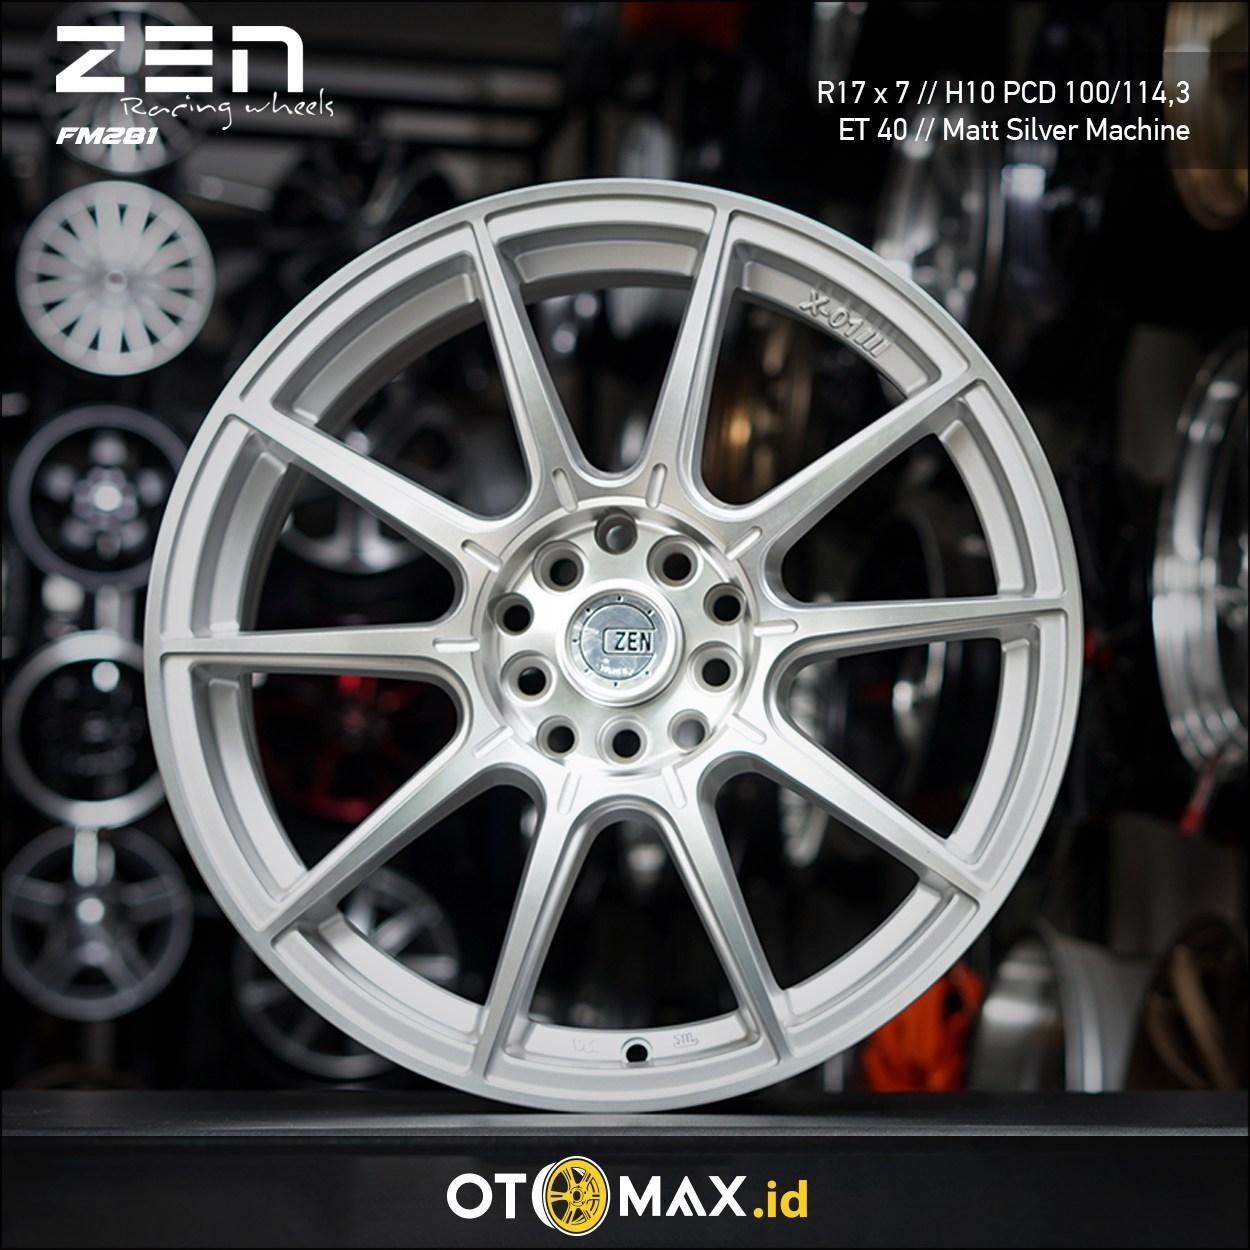 Velg Mobil Zen (GTX01) Ring 17 Matt Silver Machine Face